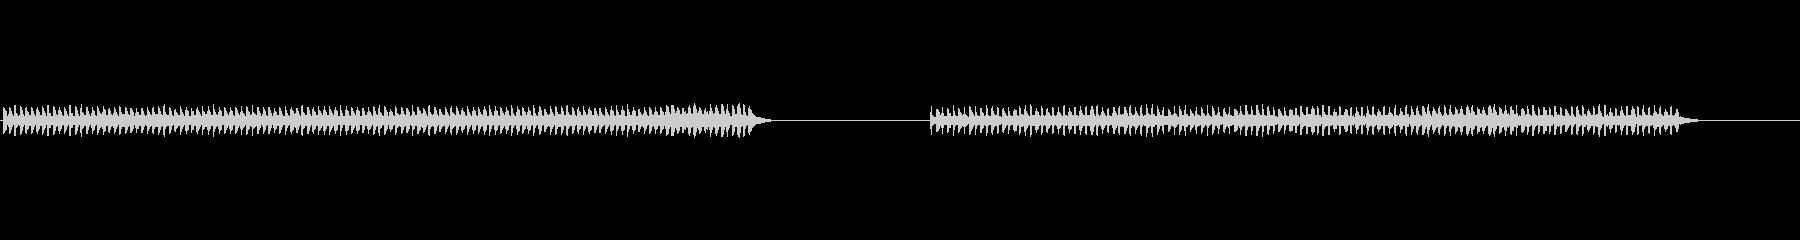 柔らかいシンセとサンプル、温かい弦...の未再生の波形